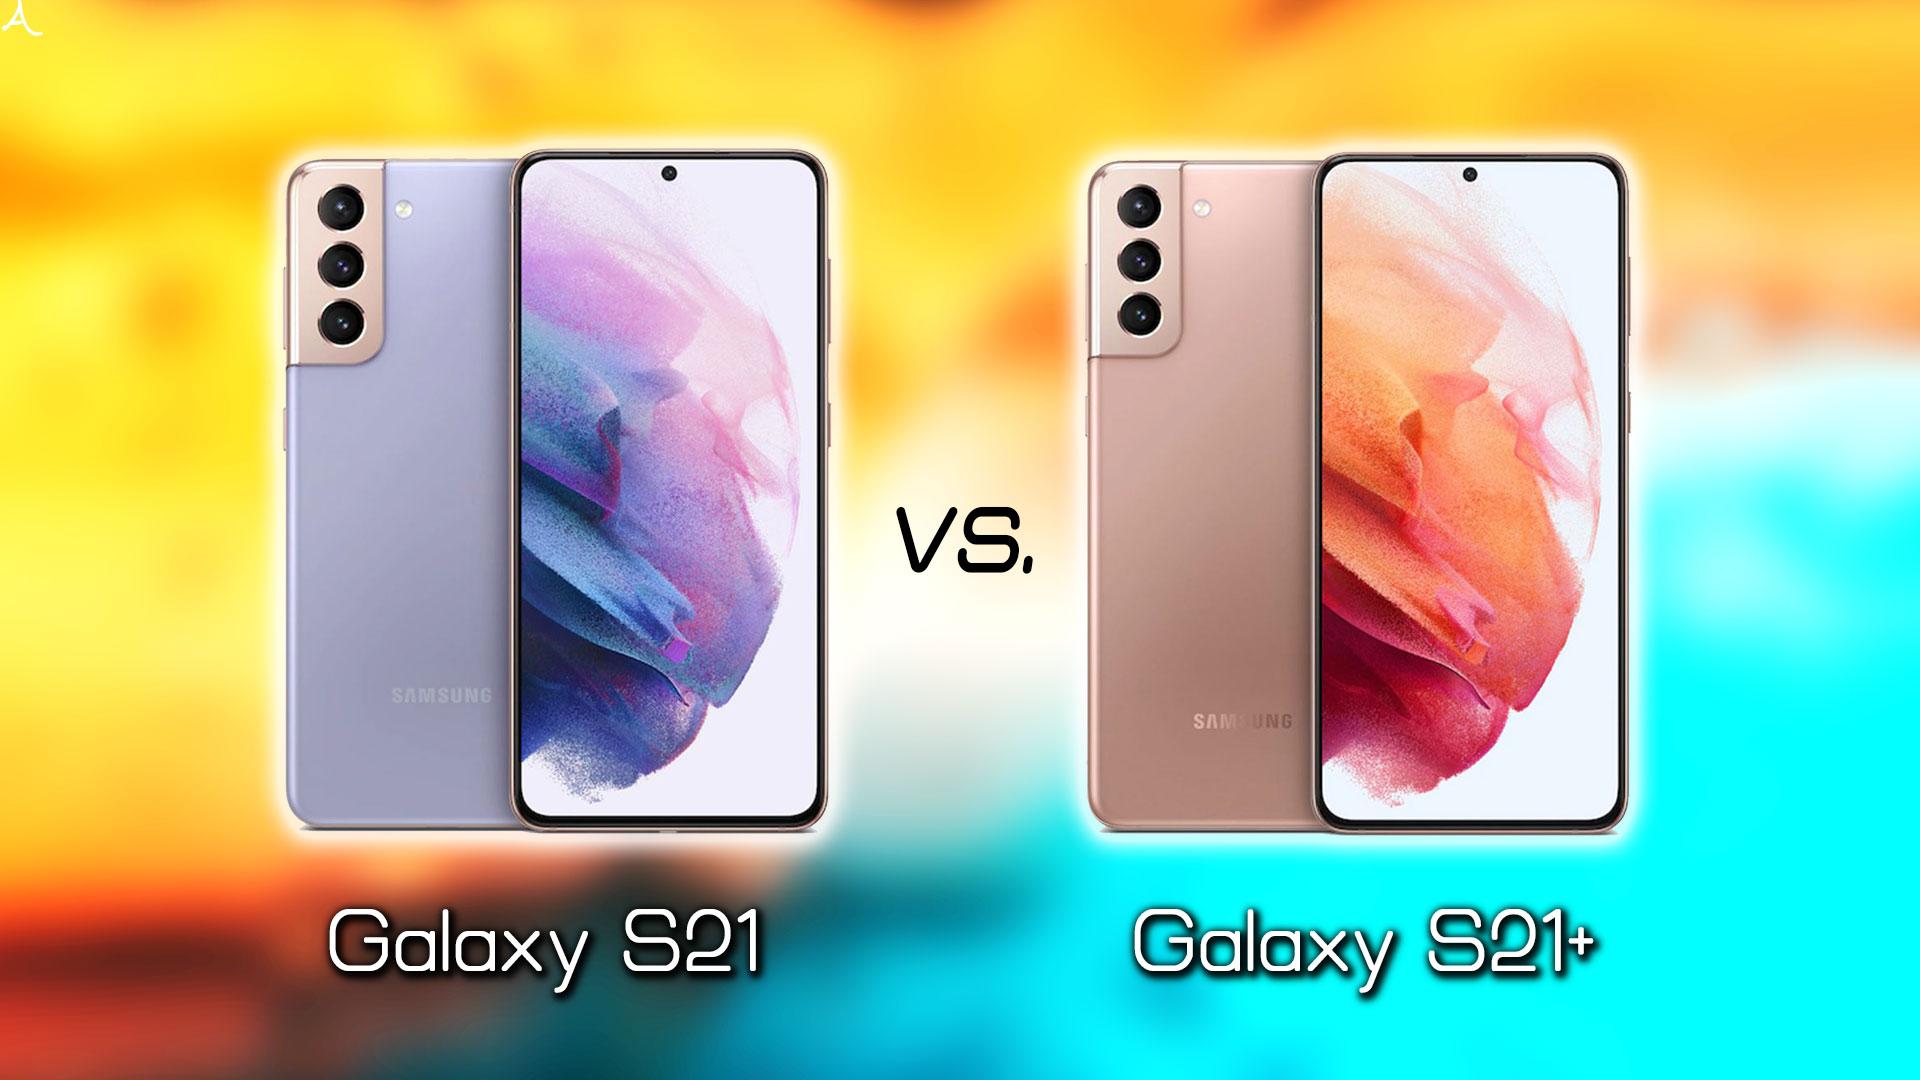 「Galaxy S21」と「Galaxy S21+(プラス)」の違いを比較:どっちを買う?